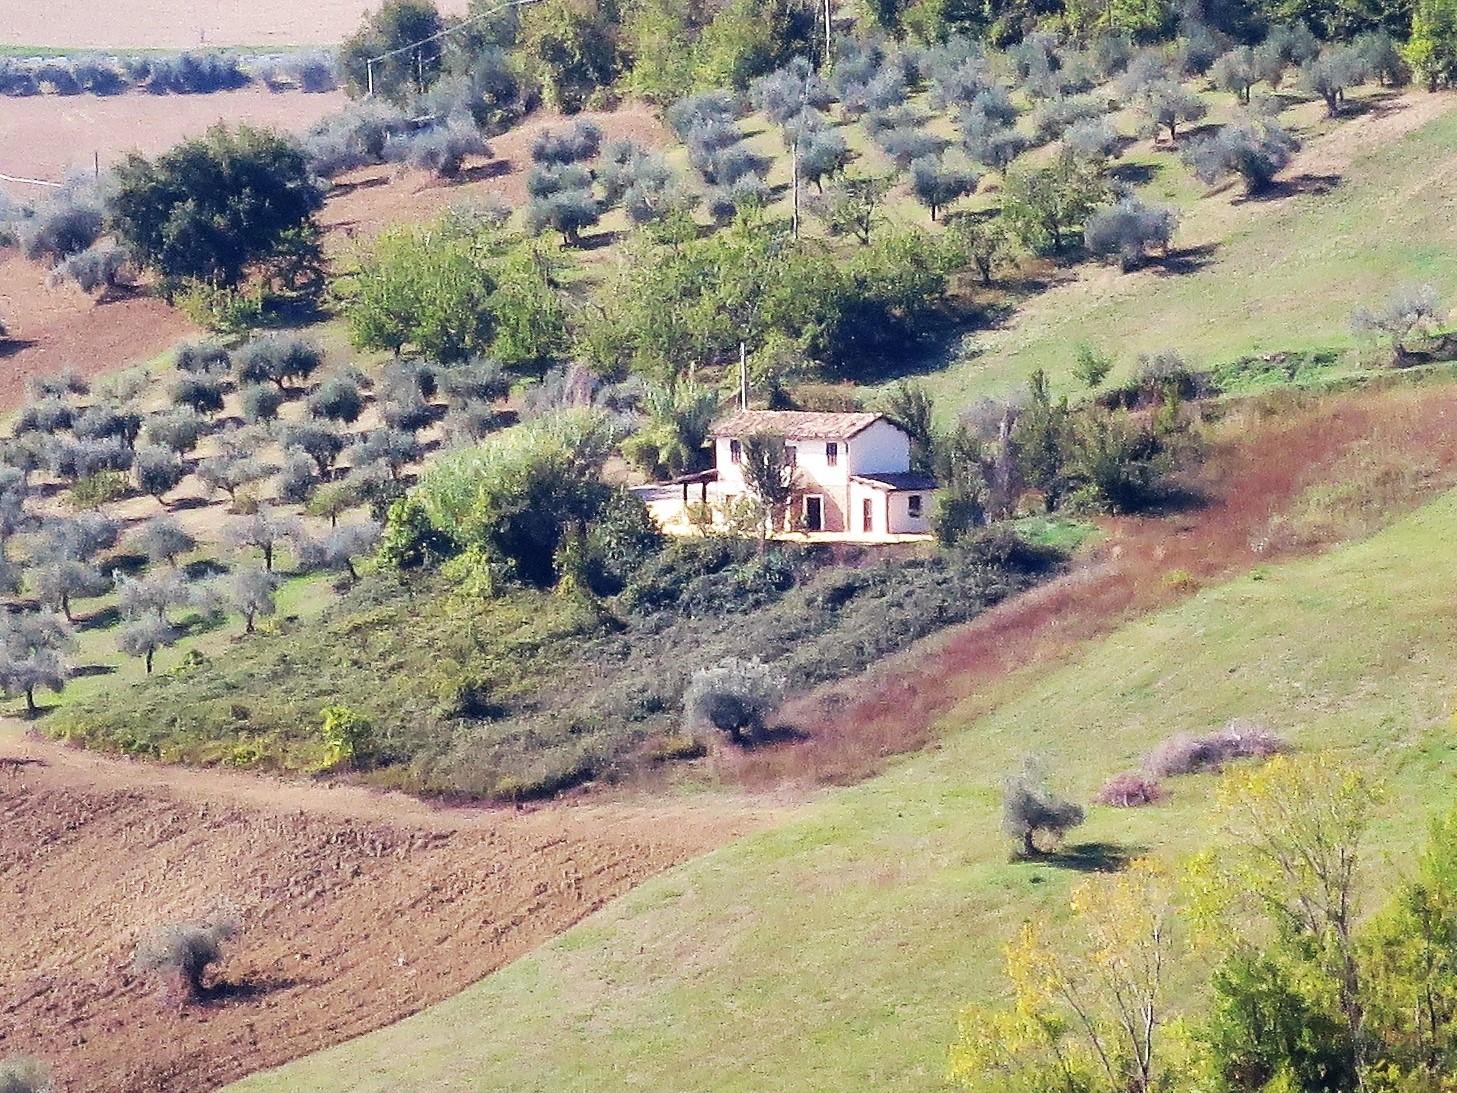 Casa di campagna Casa di campagna in vendita Montefino (TE), Casa Collina - Montefino - EUR 151.447 430